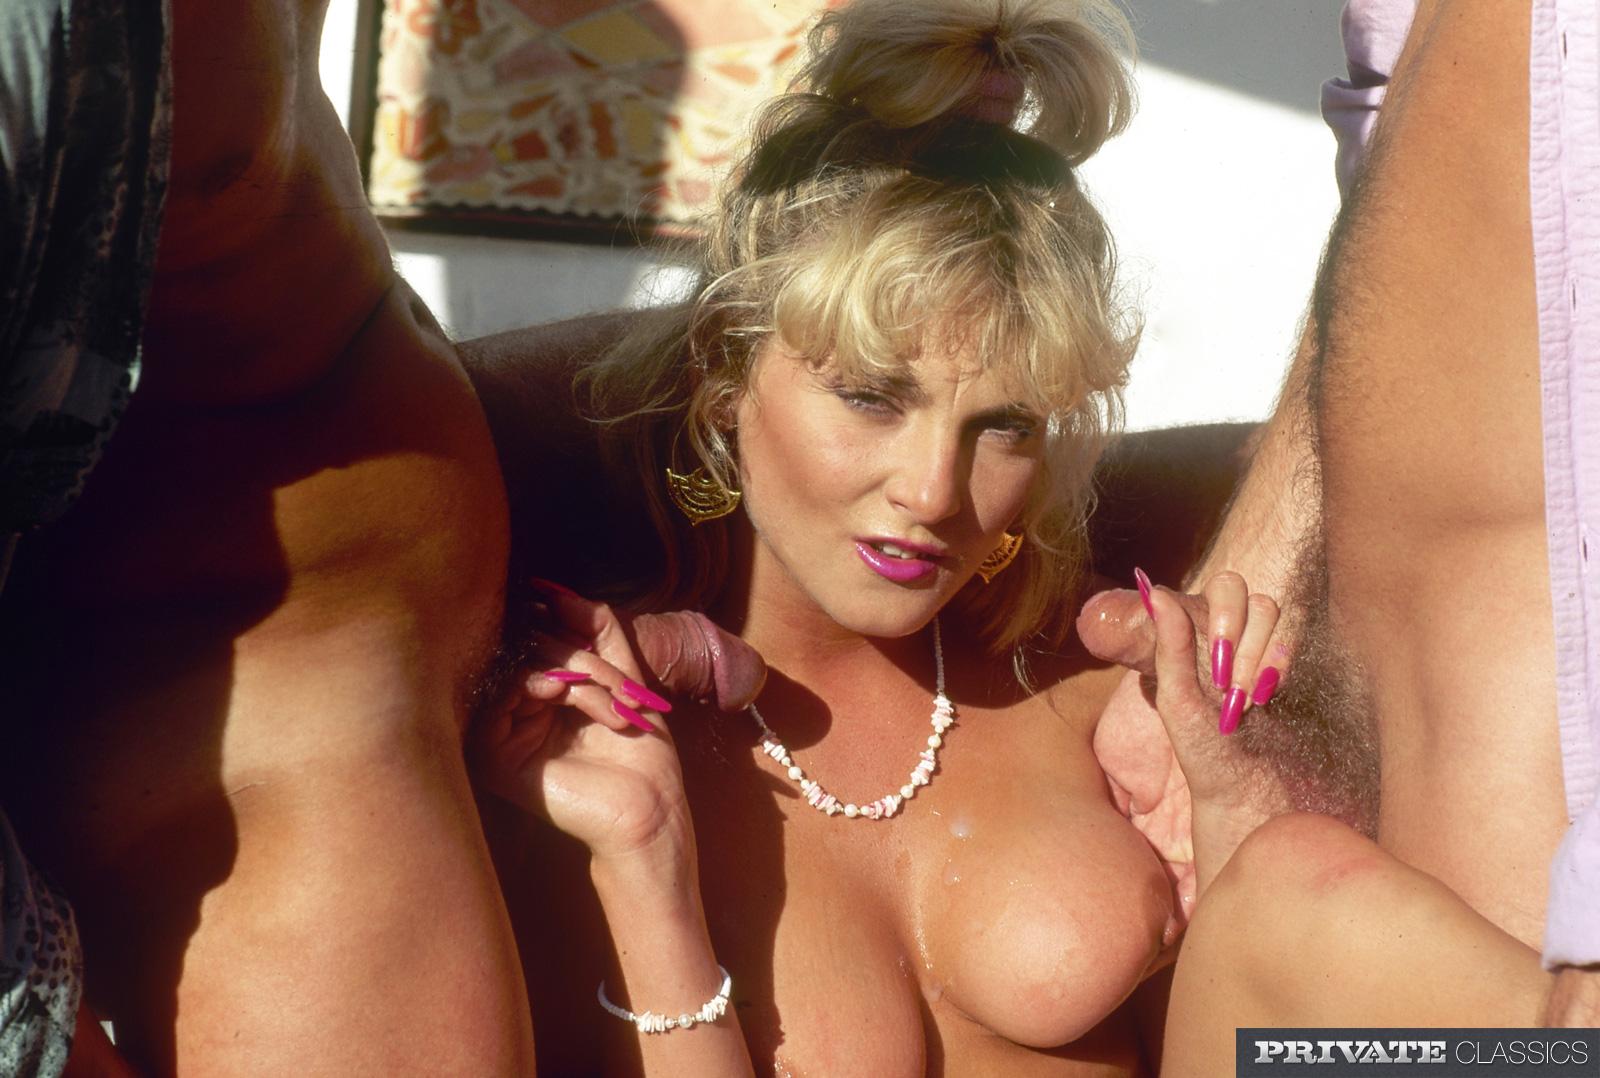 Retro private porn, black men sex naked threesome